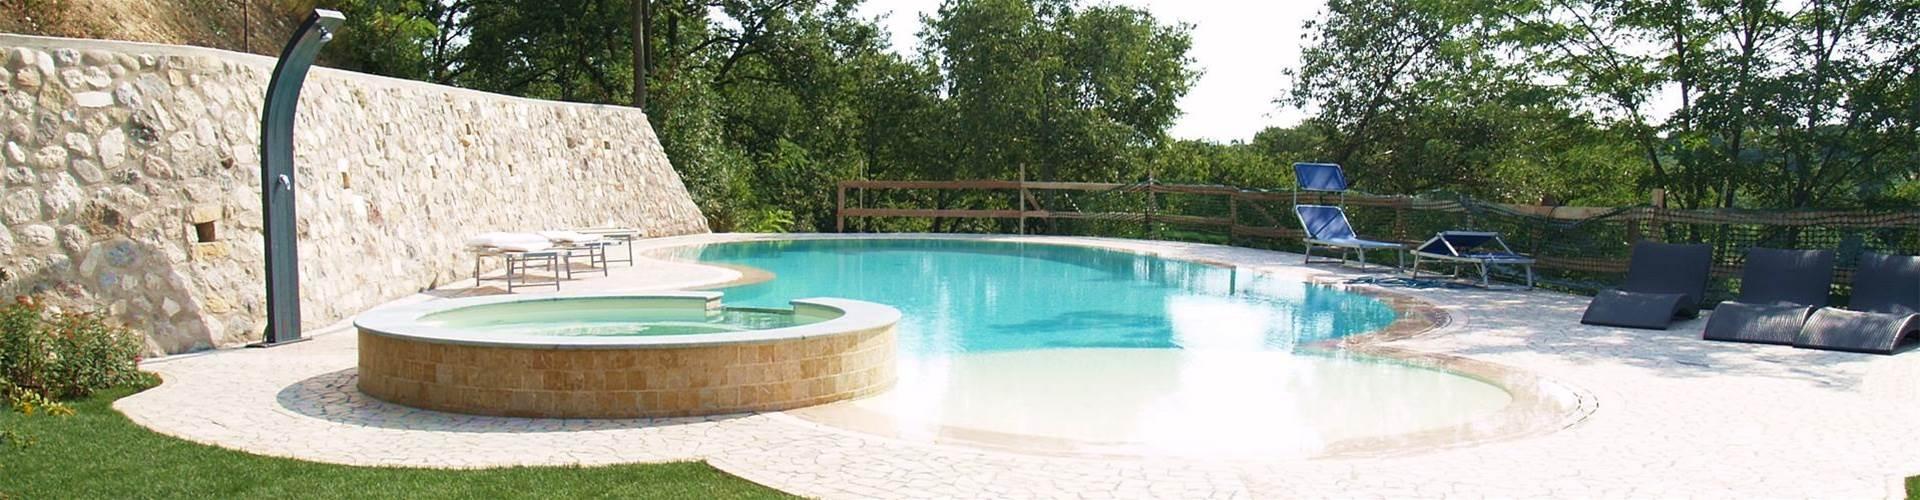 Costruzione piscine brescia - Italian Guide